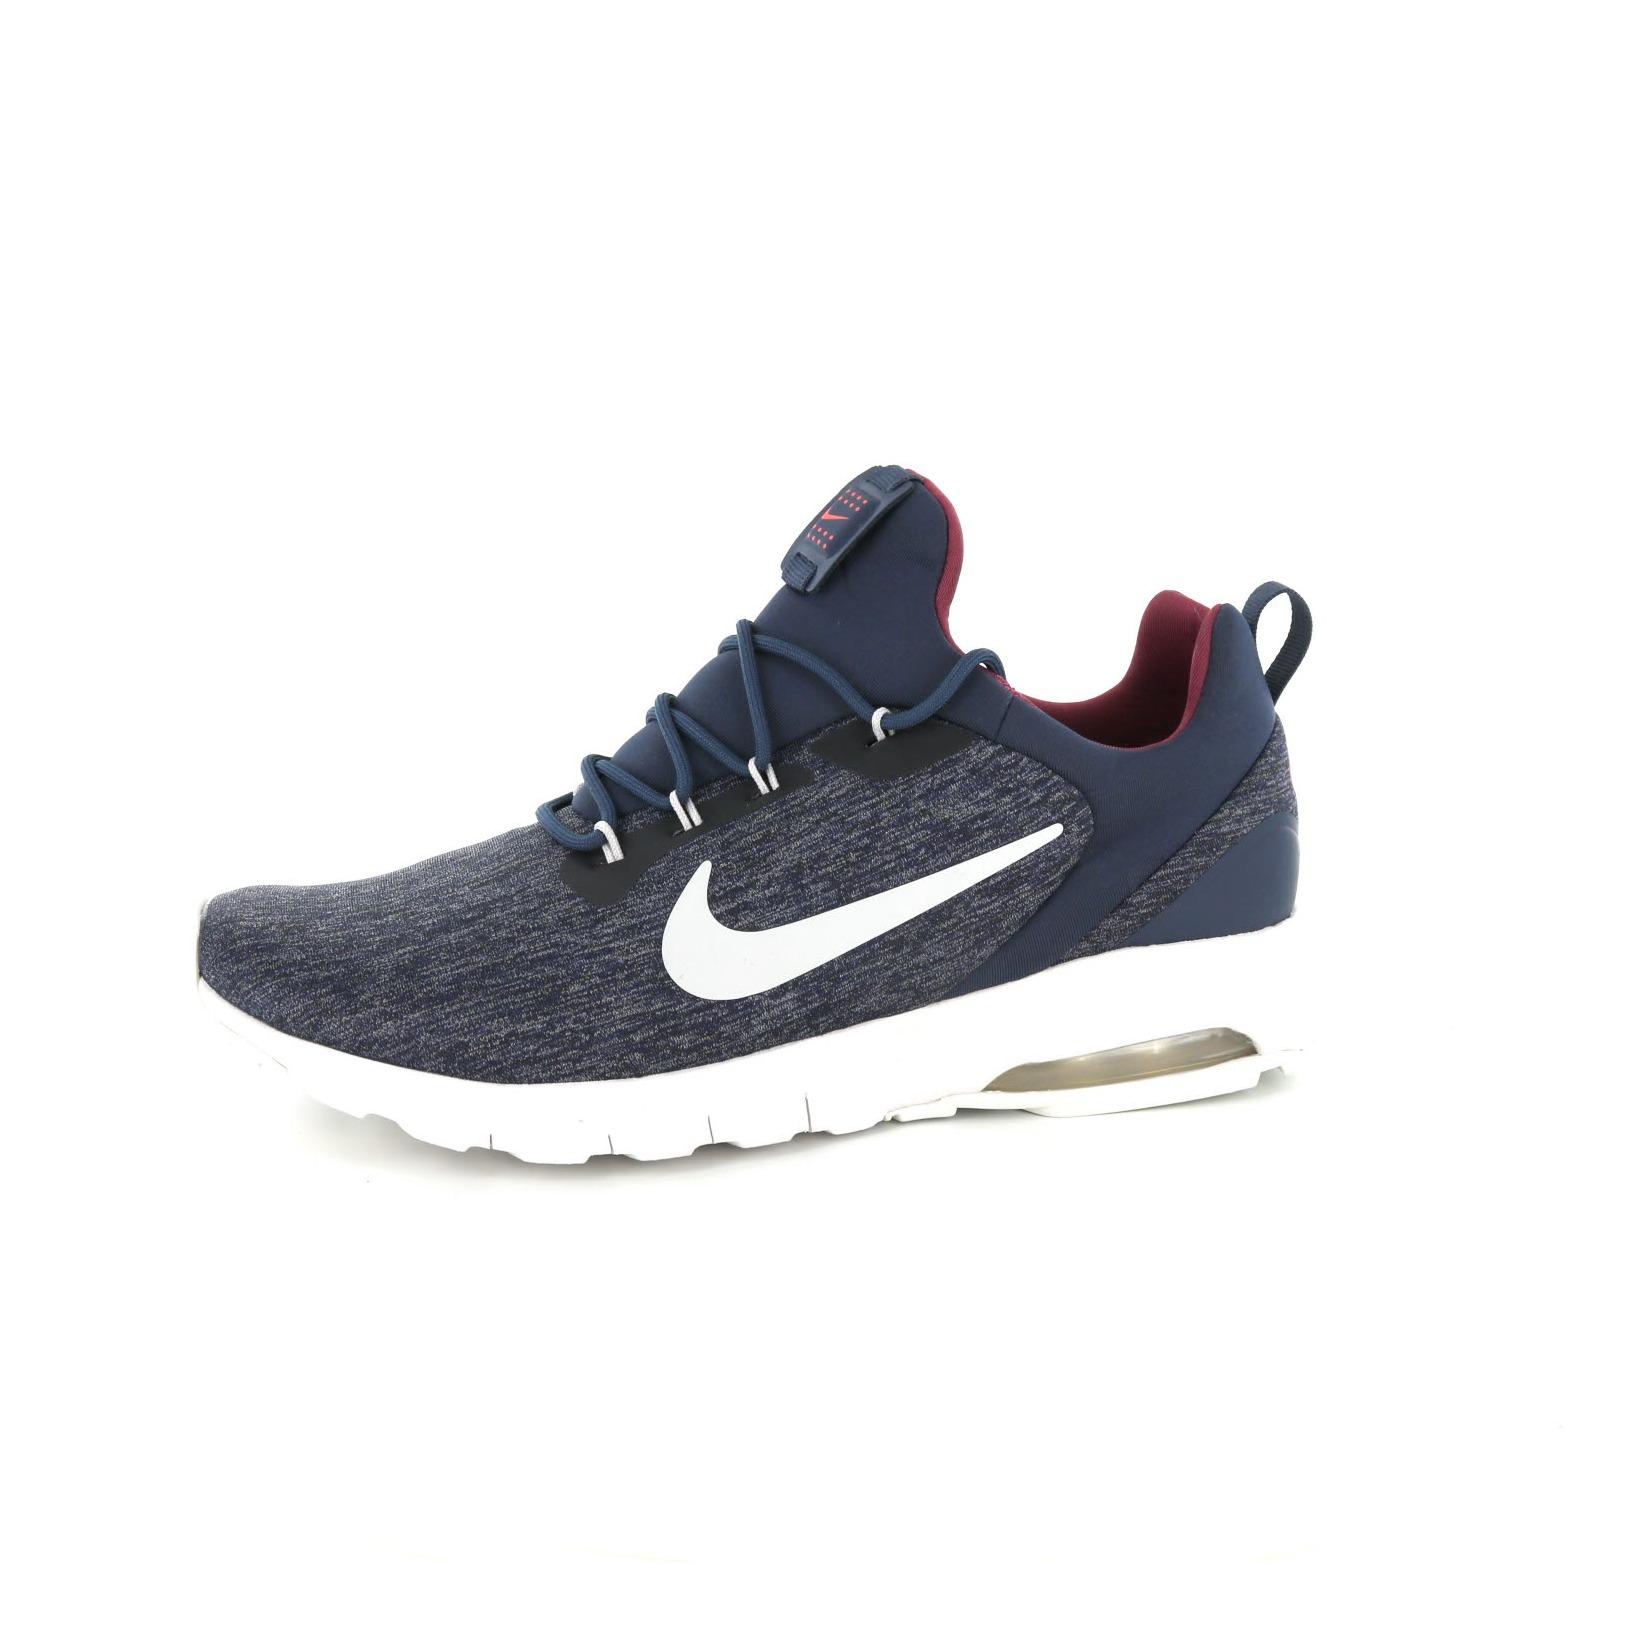 Nike / Blonder Sko - Joggesko, Blå